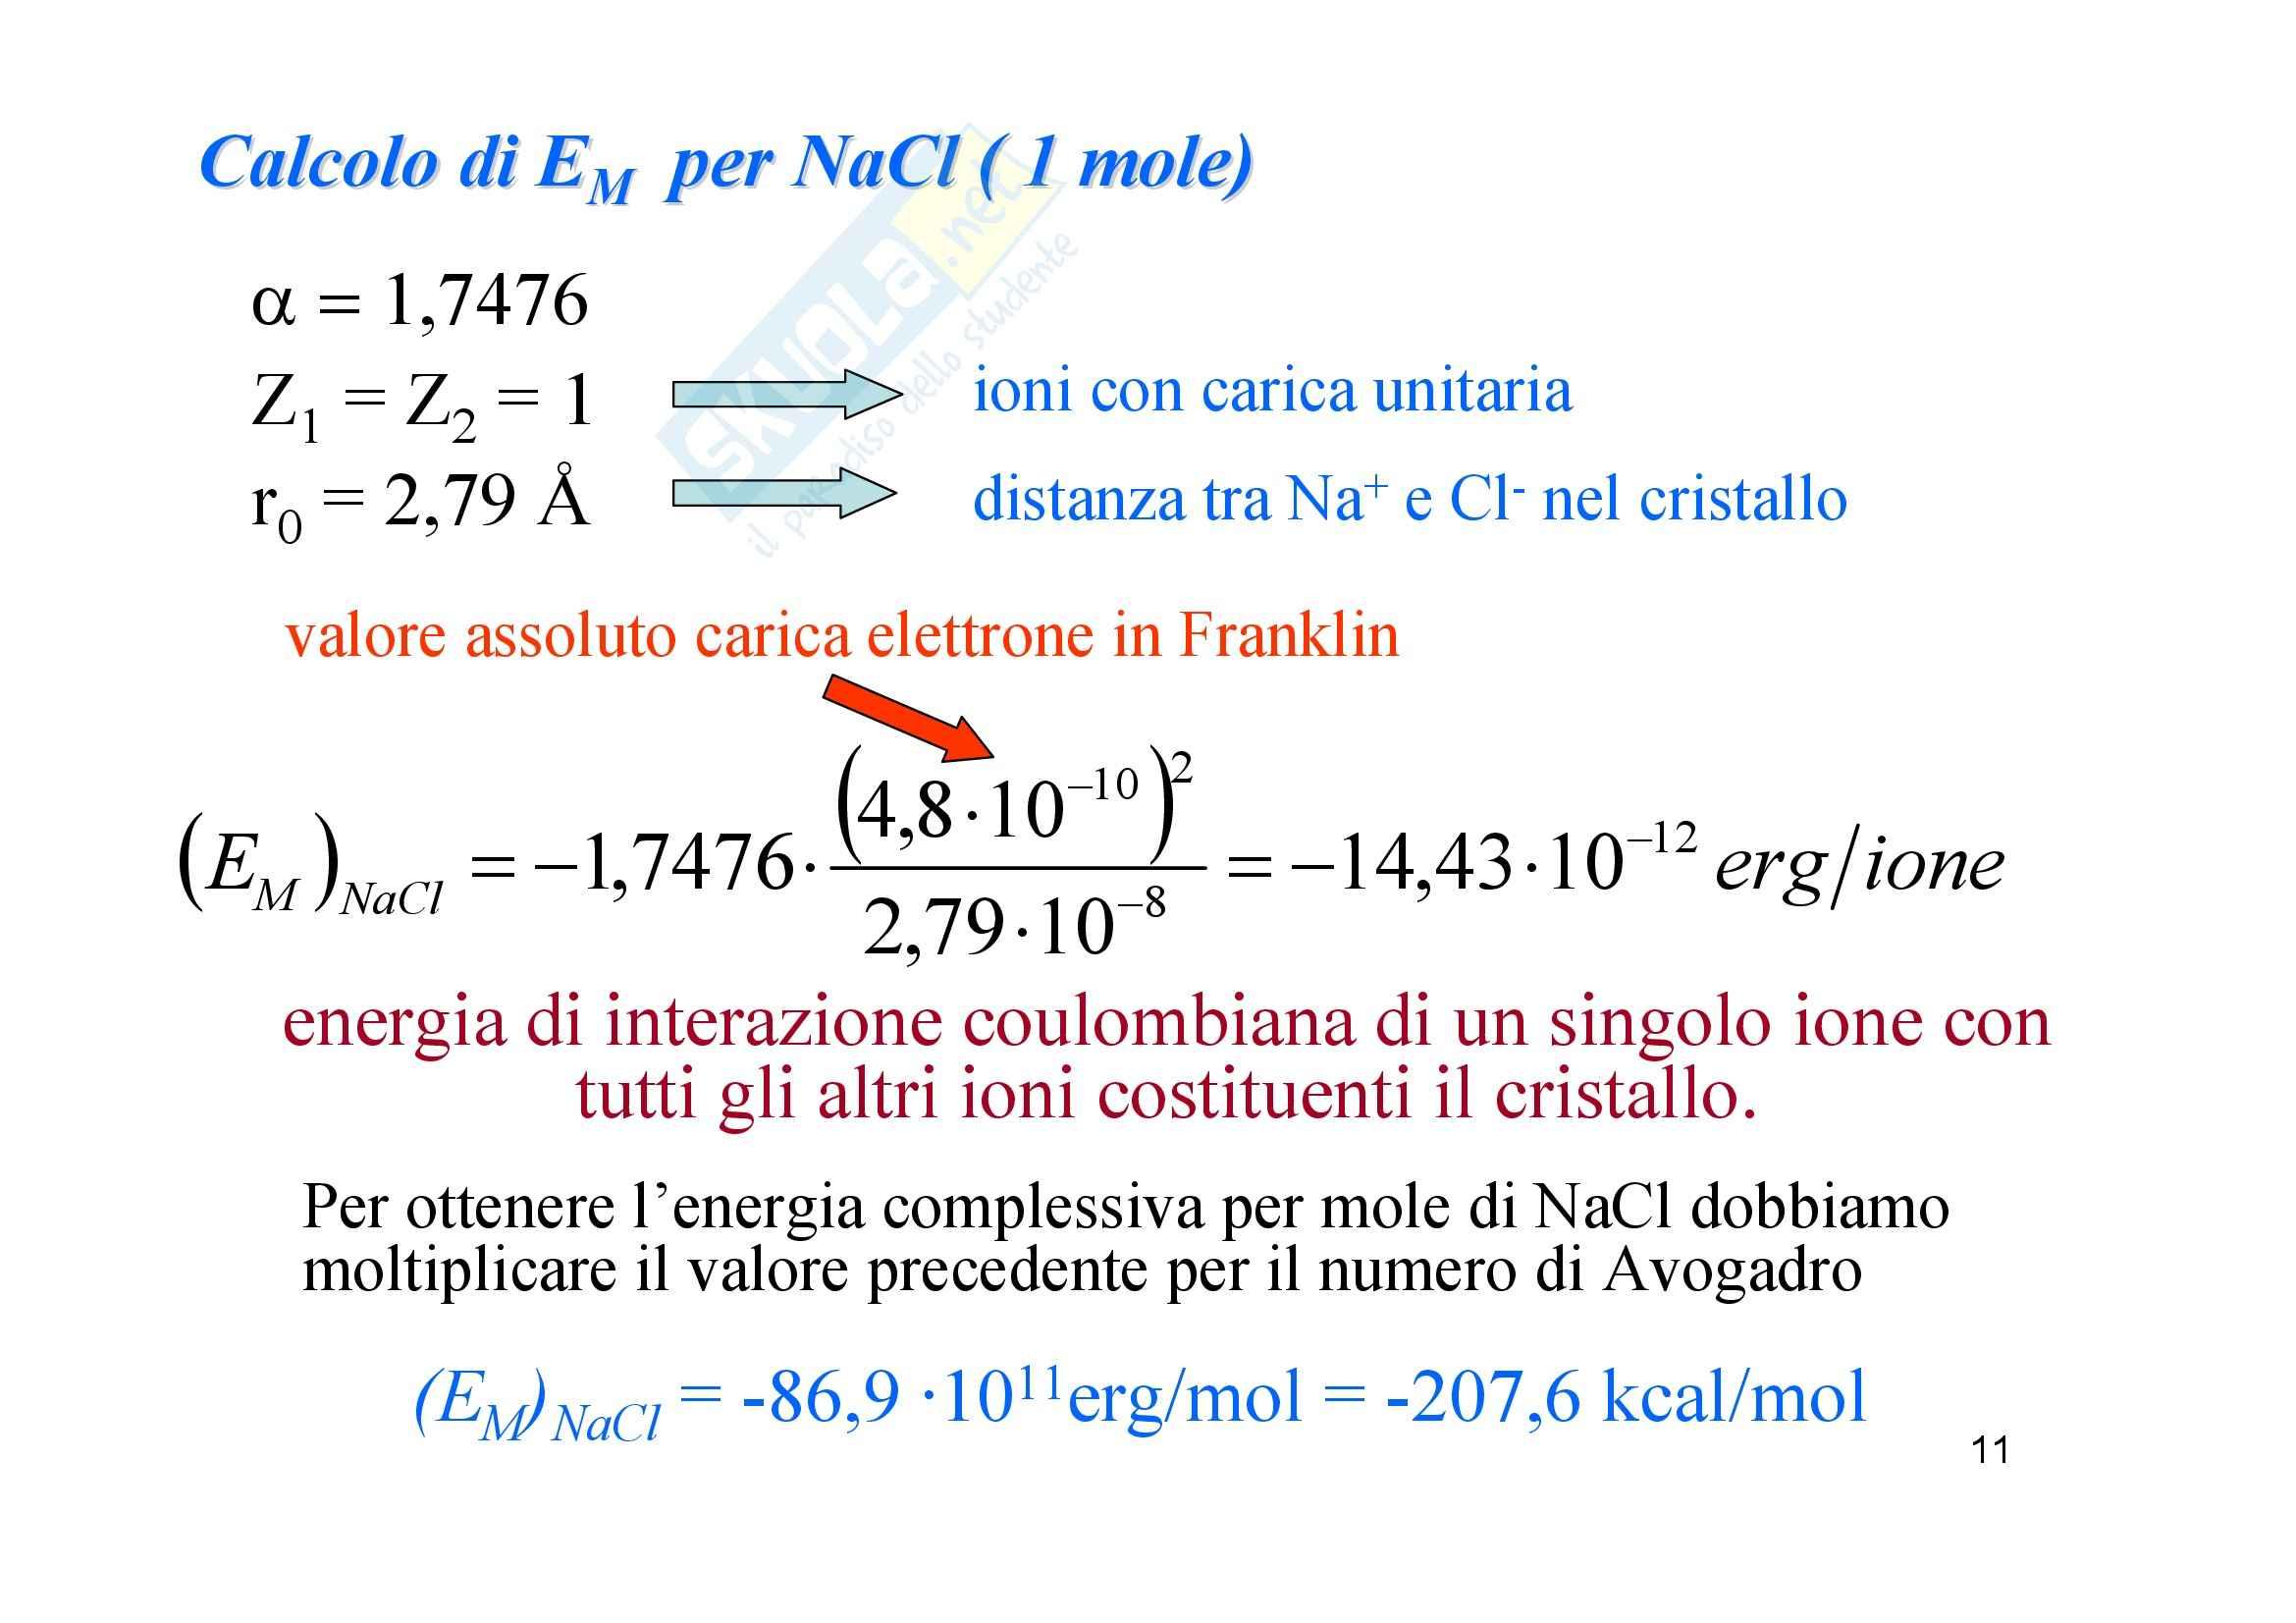 Chimica generale e inorganica - il legame ionico Pag. 11